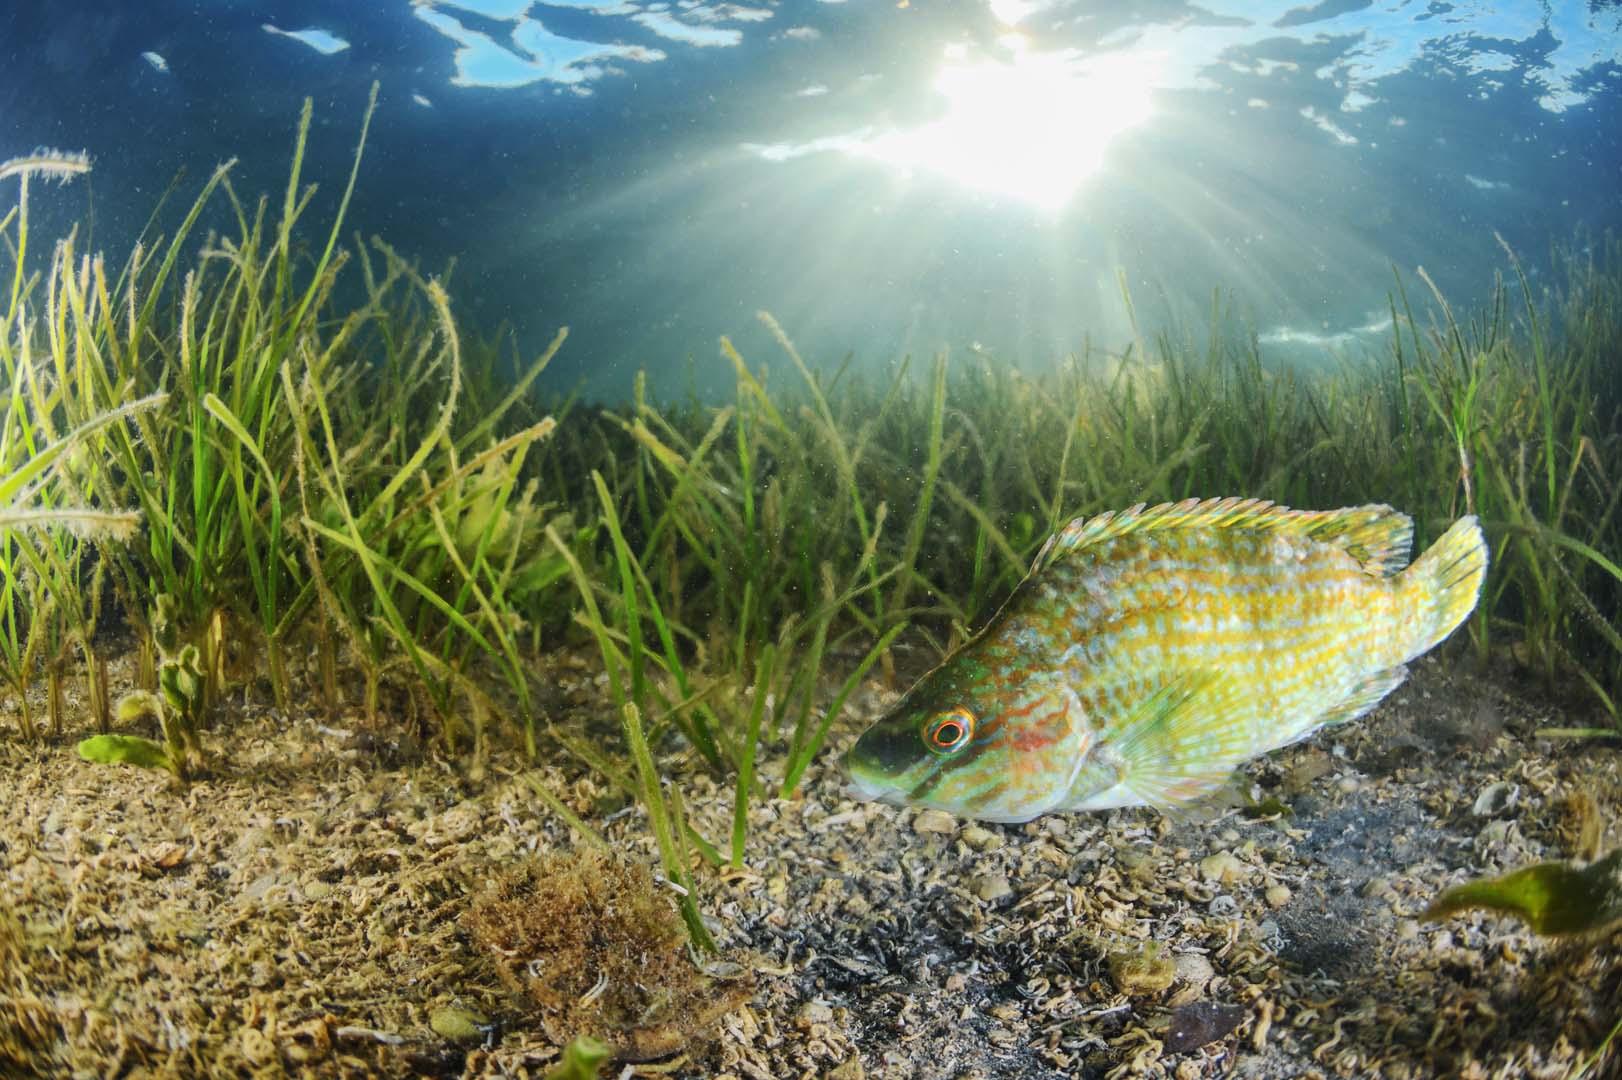 Ejemplar adulto algo deformado fotografiado en el Mar Menor.